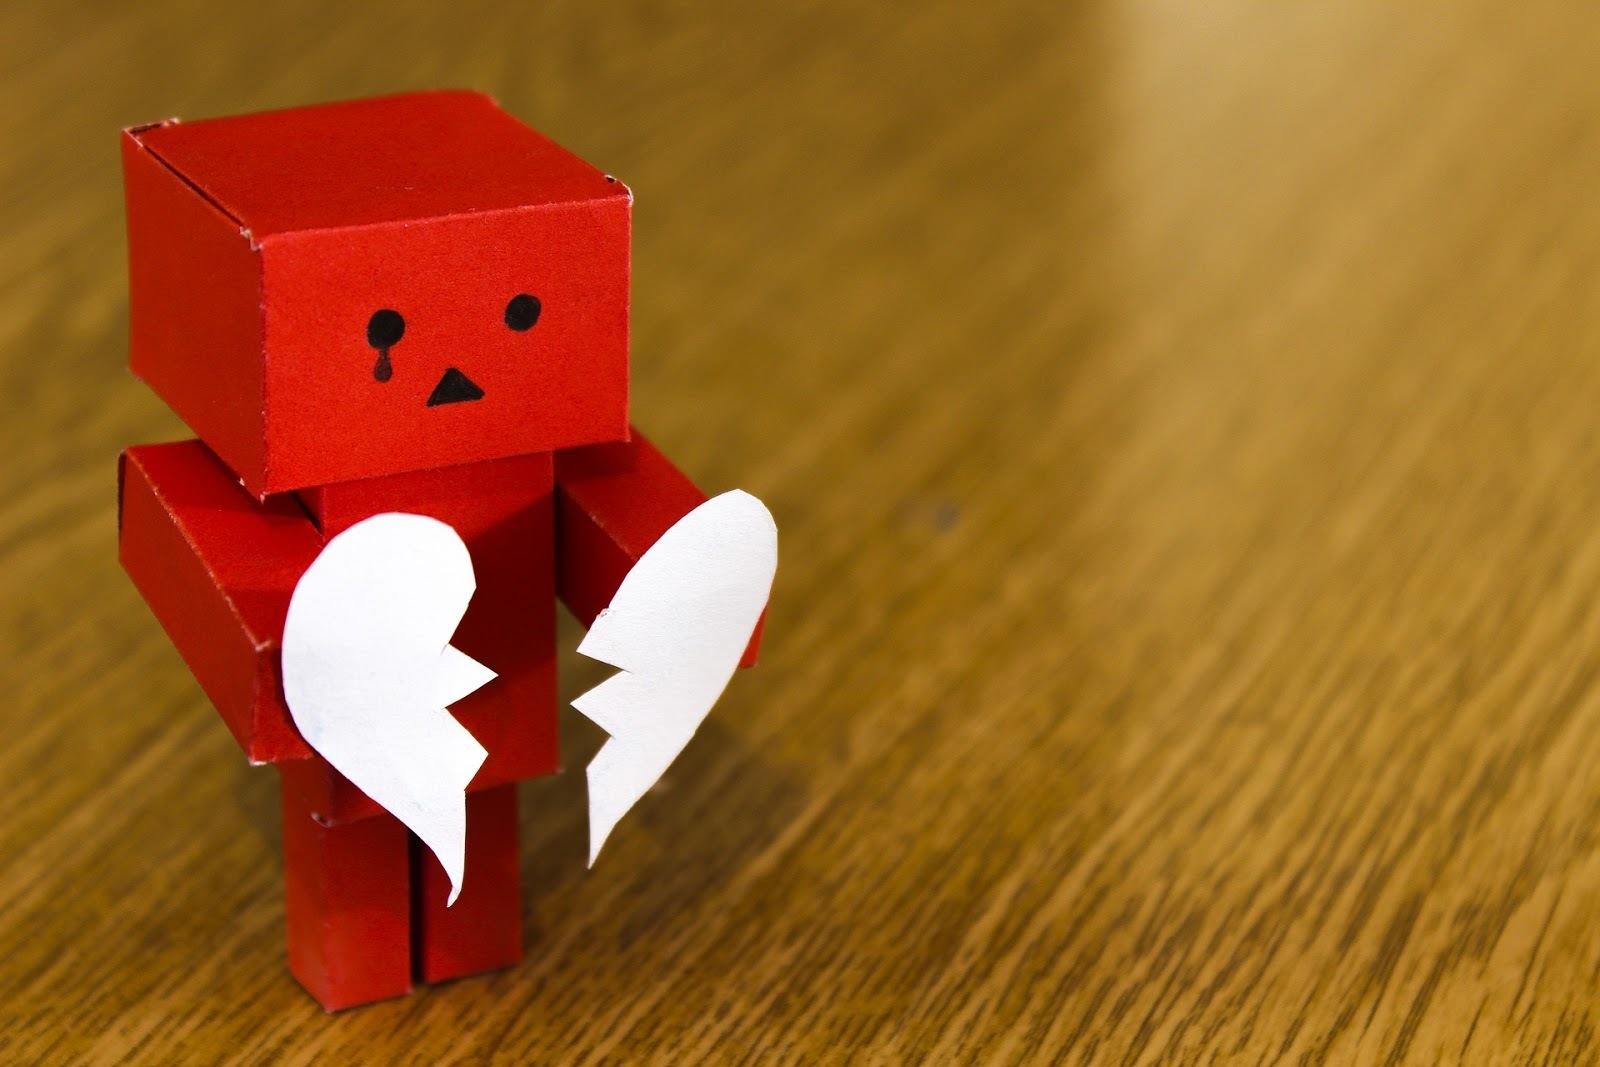 heartbroken over lost deal